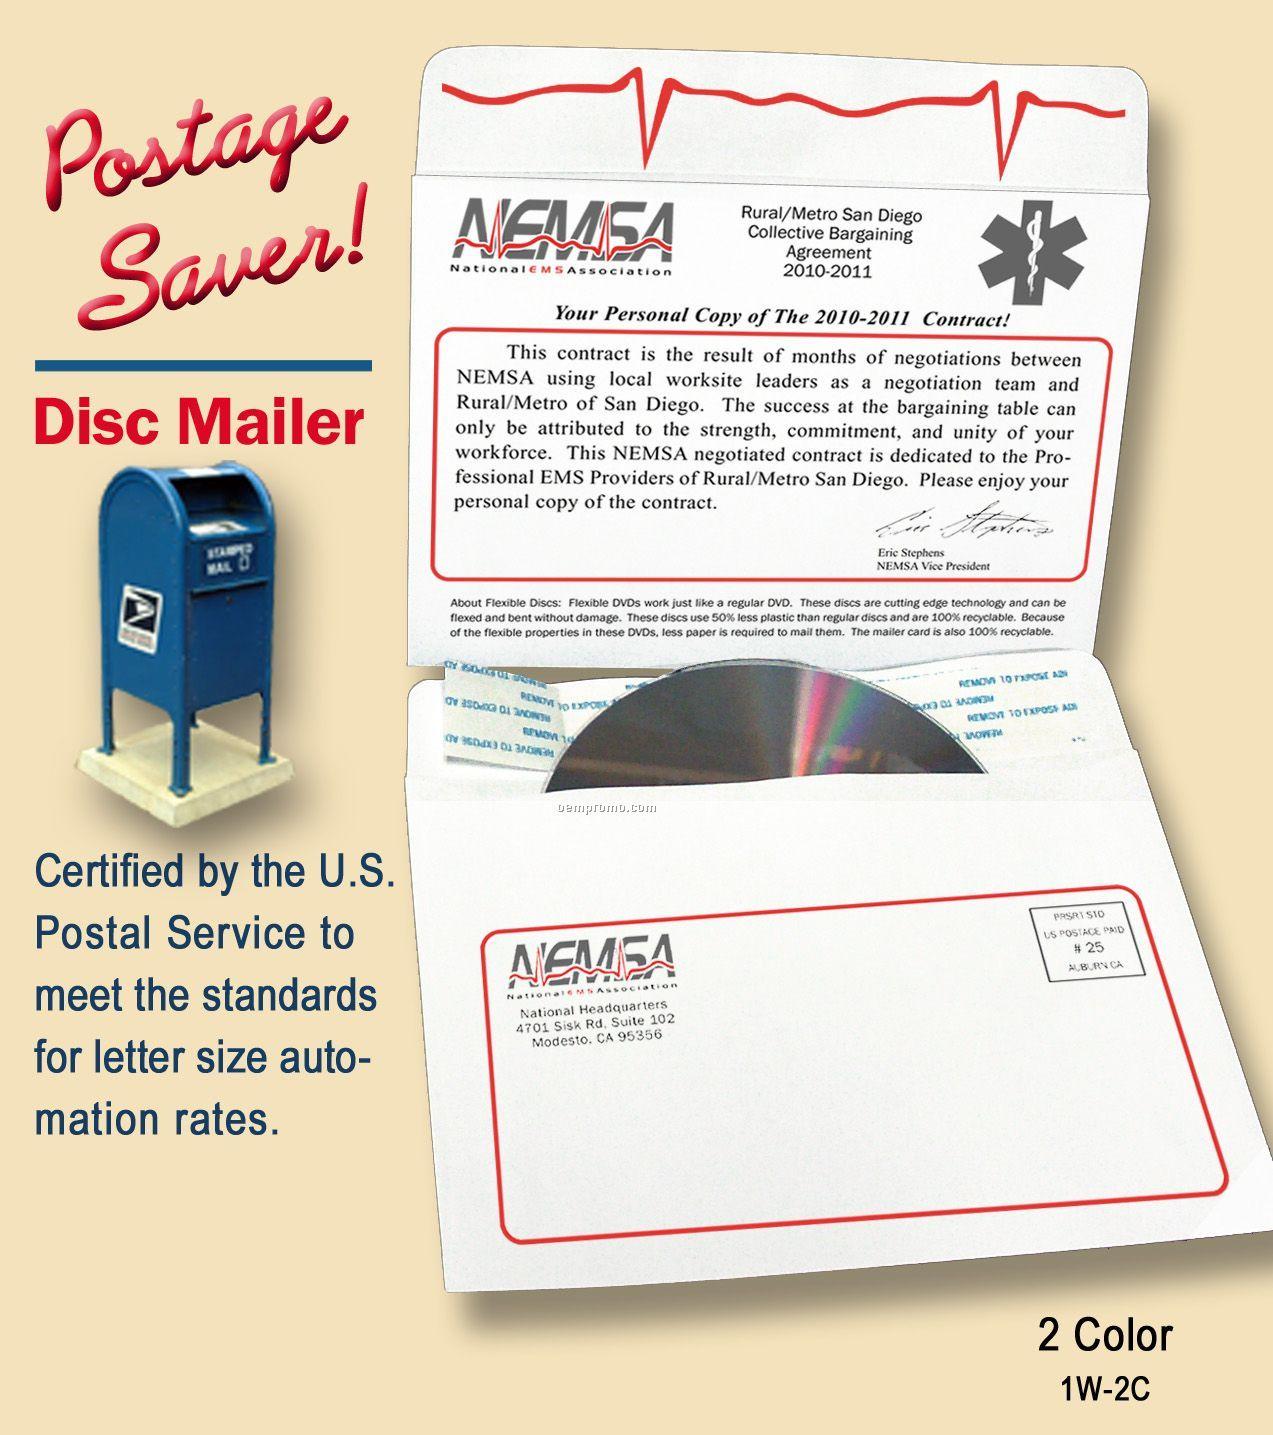 Postage Saver Disc Mailer,2 Color Imprint